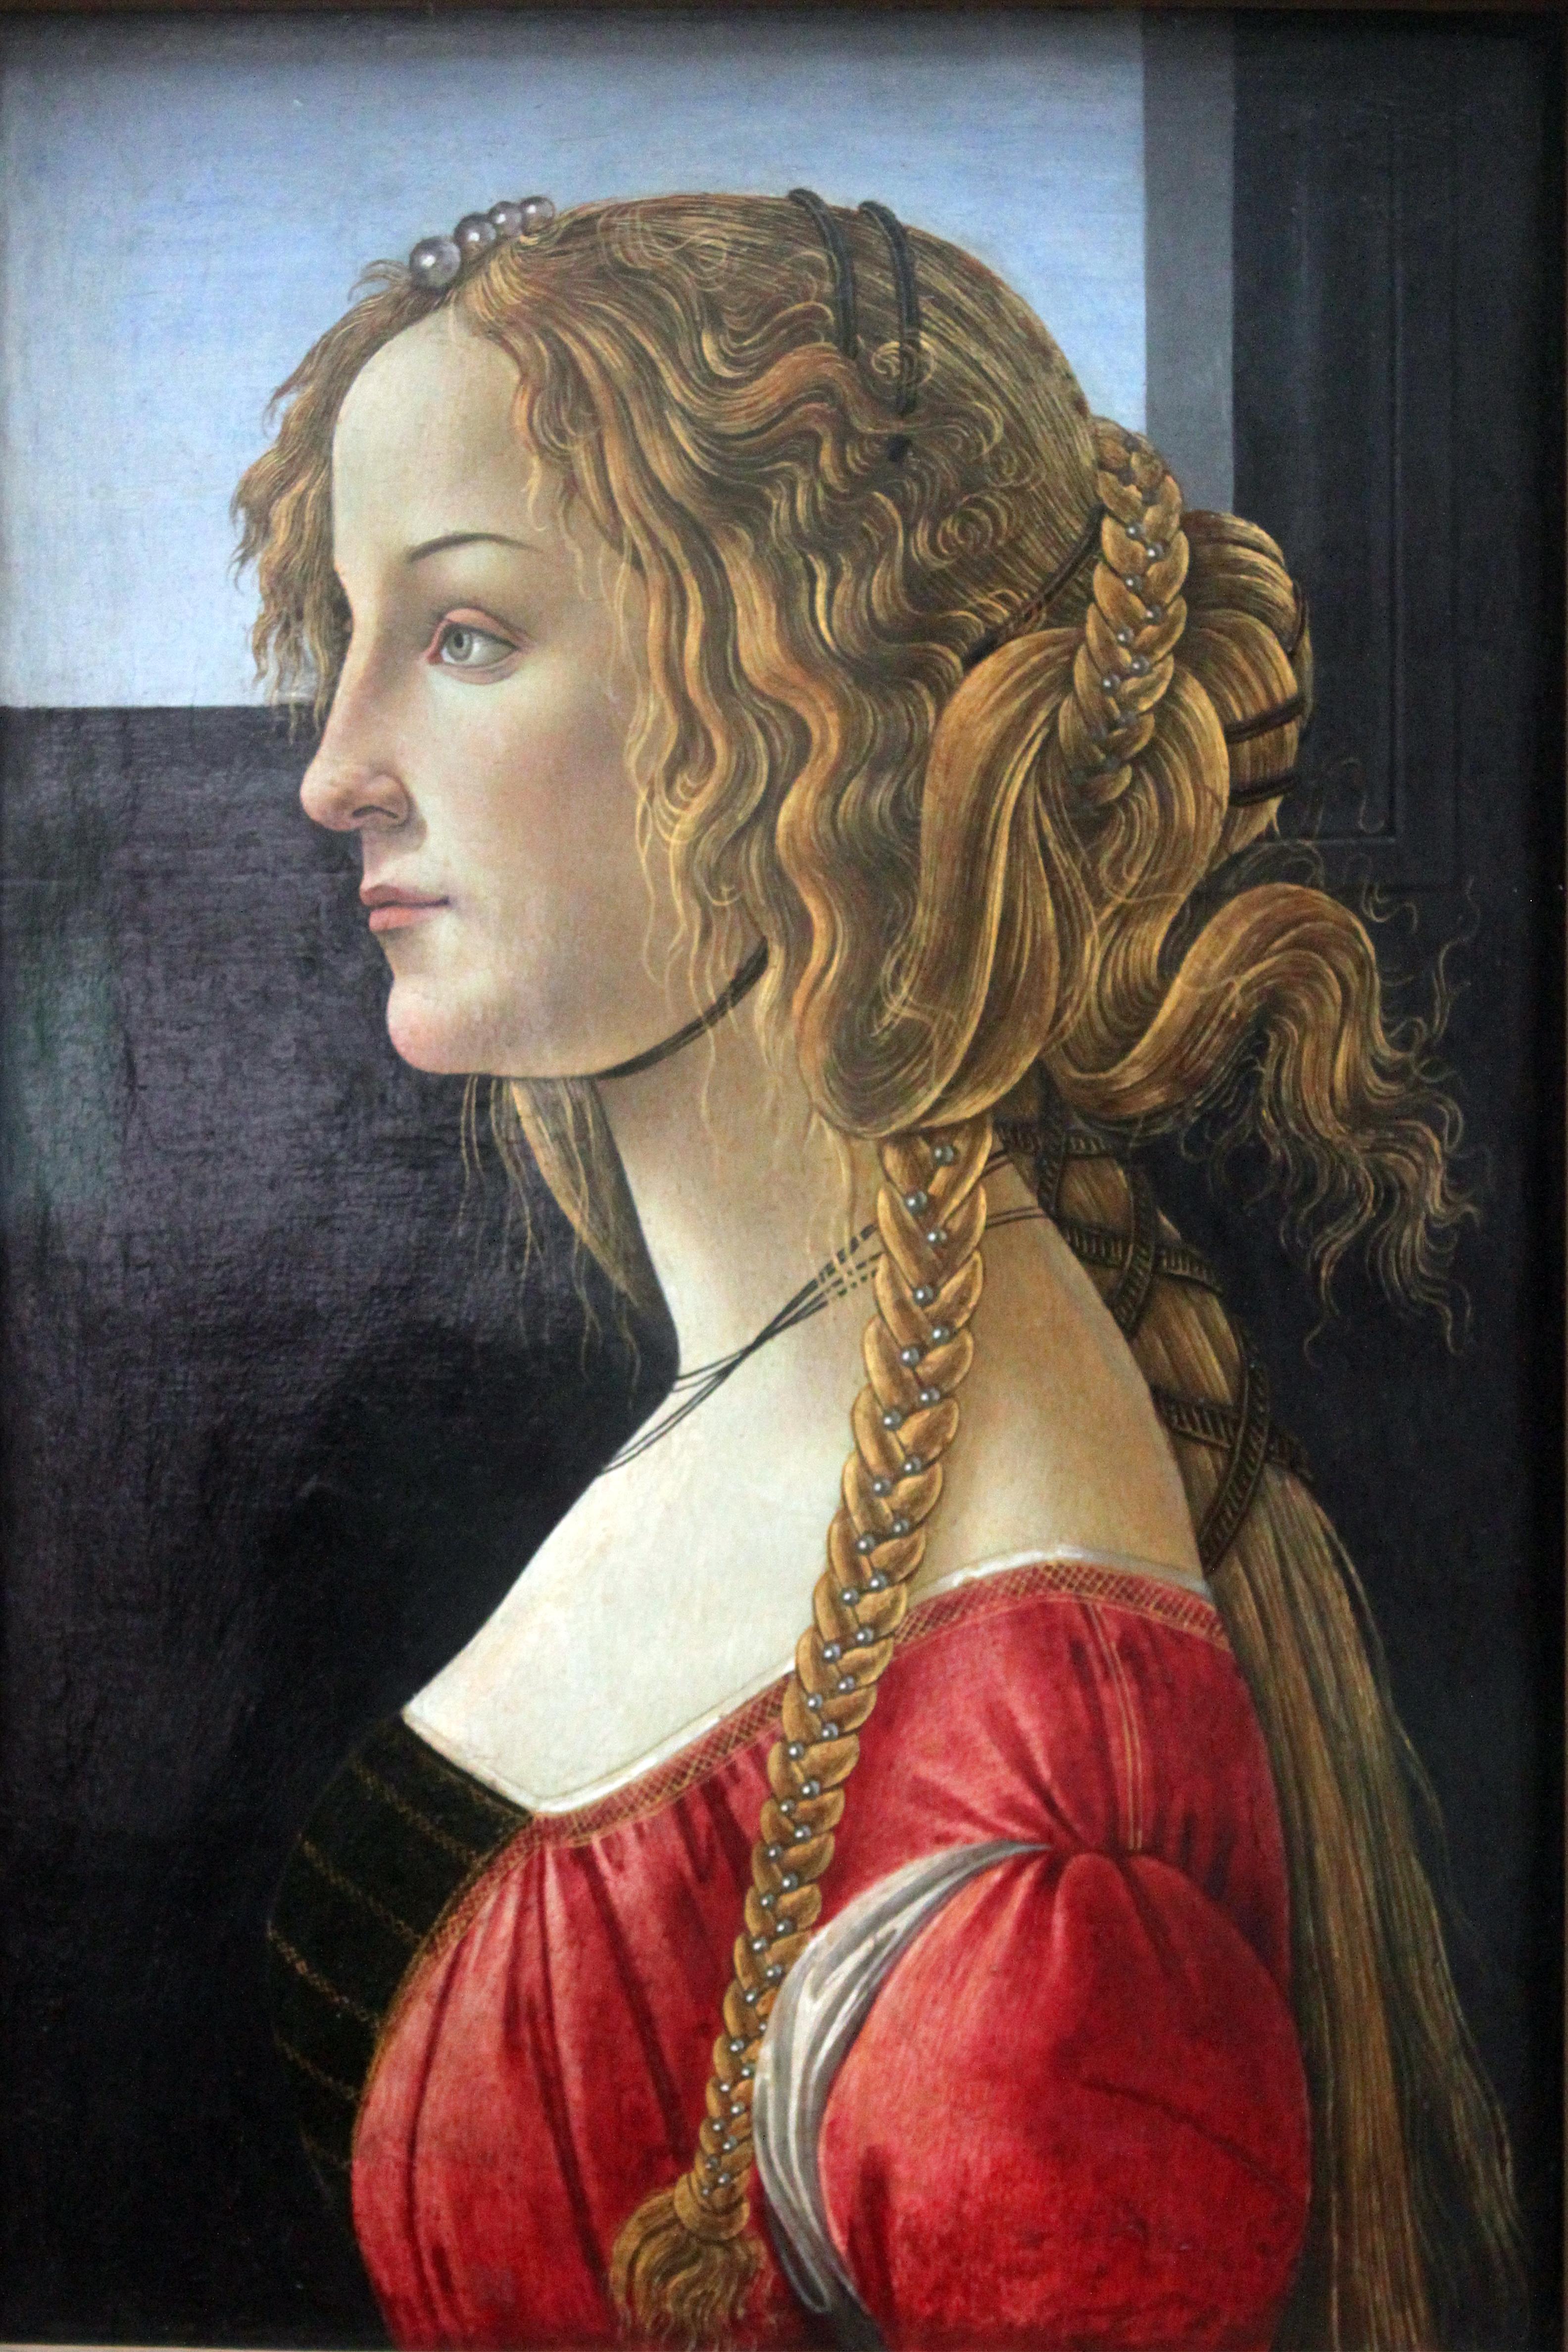 Tempera Paint Work On Canvas